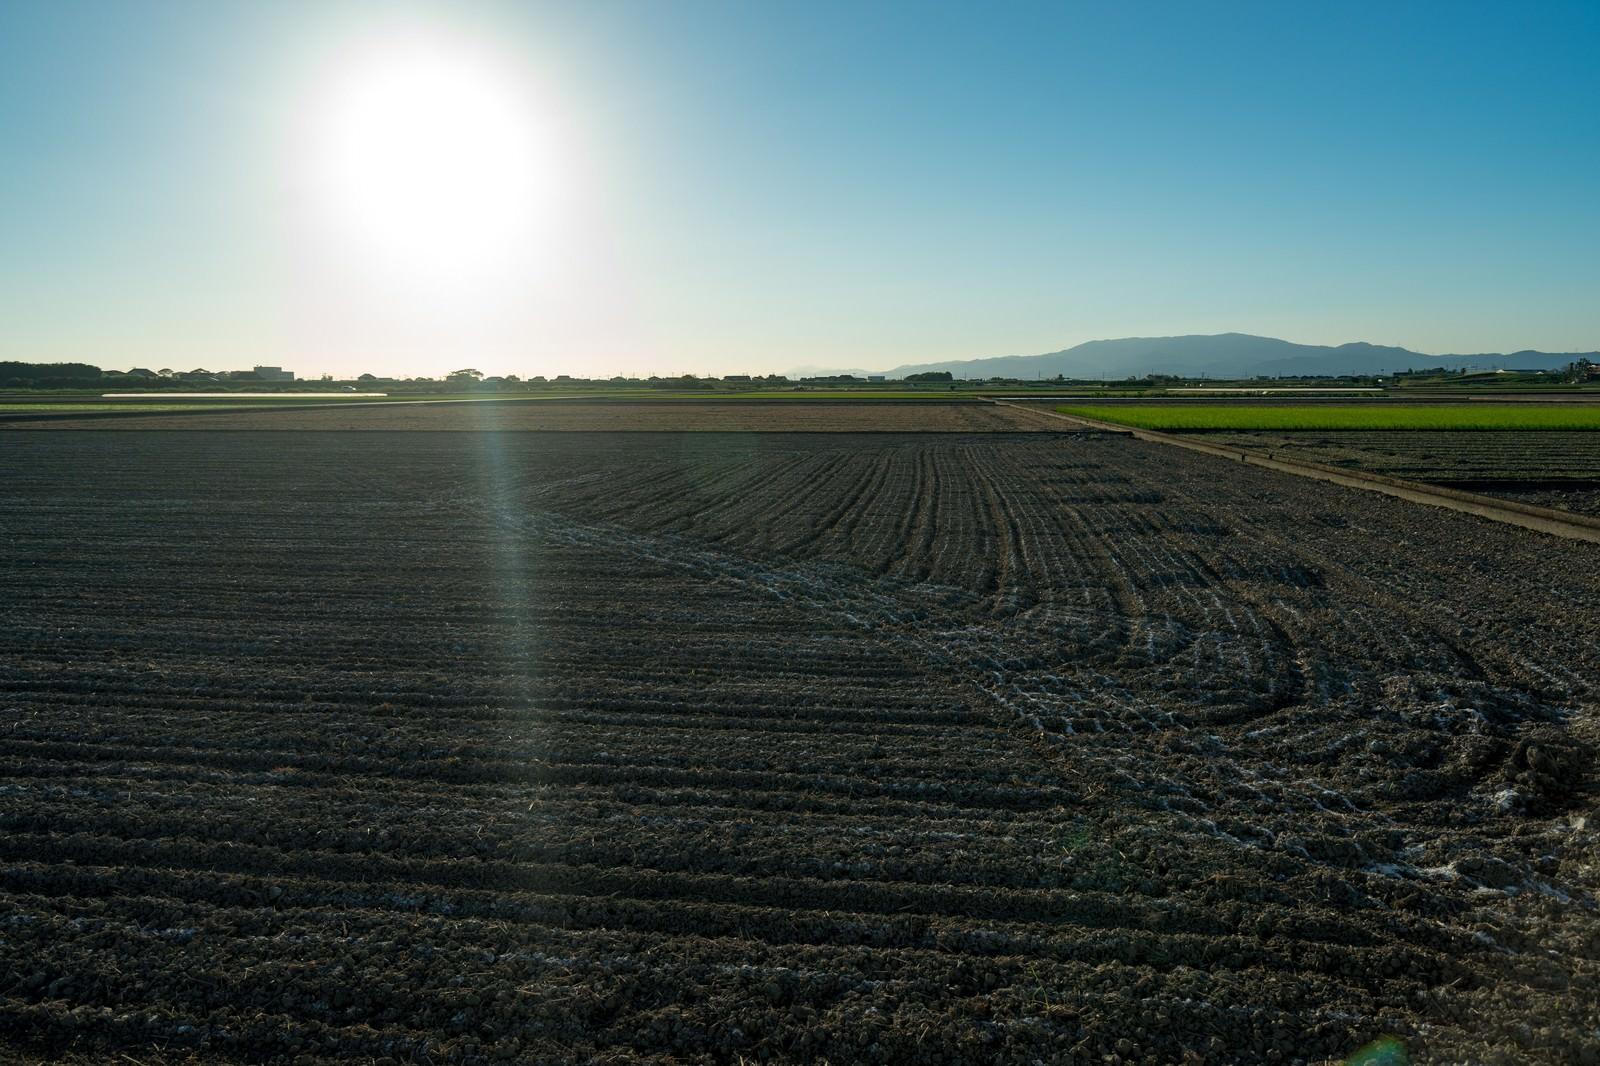 「大刀洗町の朝が始まる(農地)」の写真